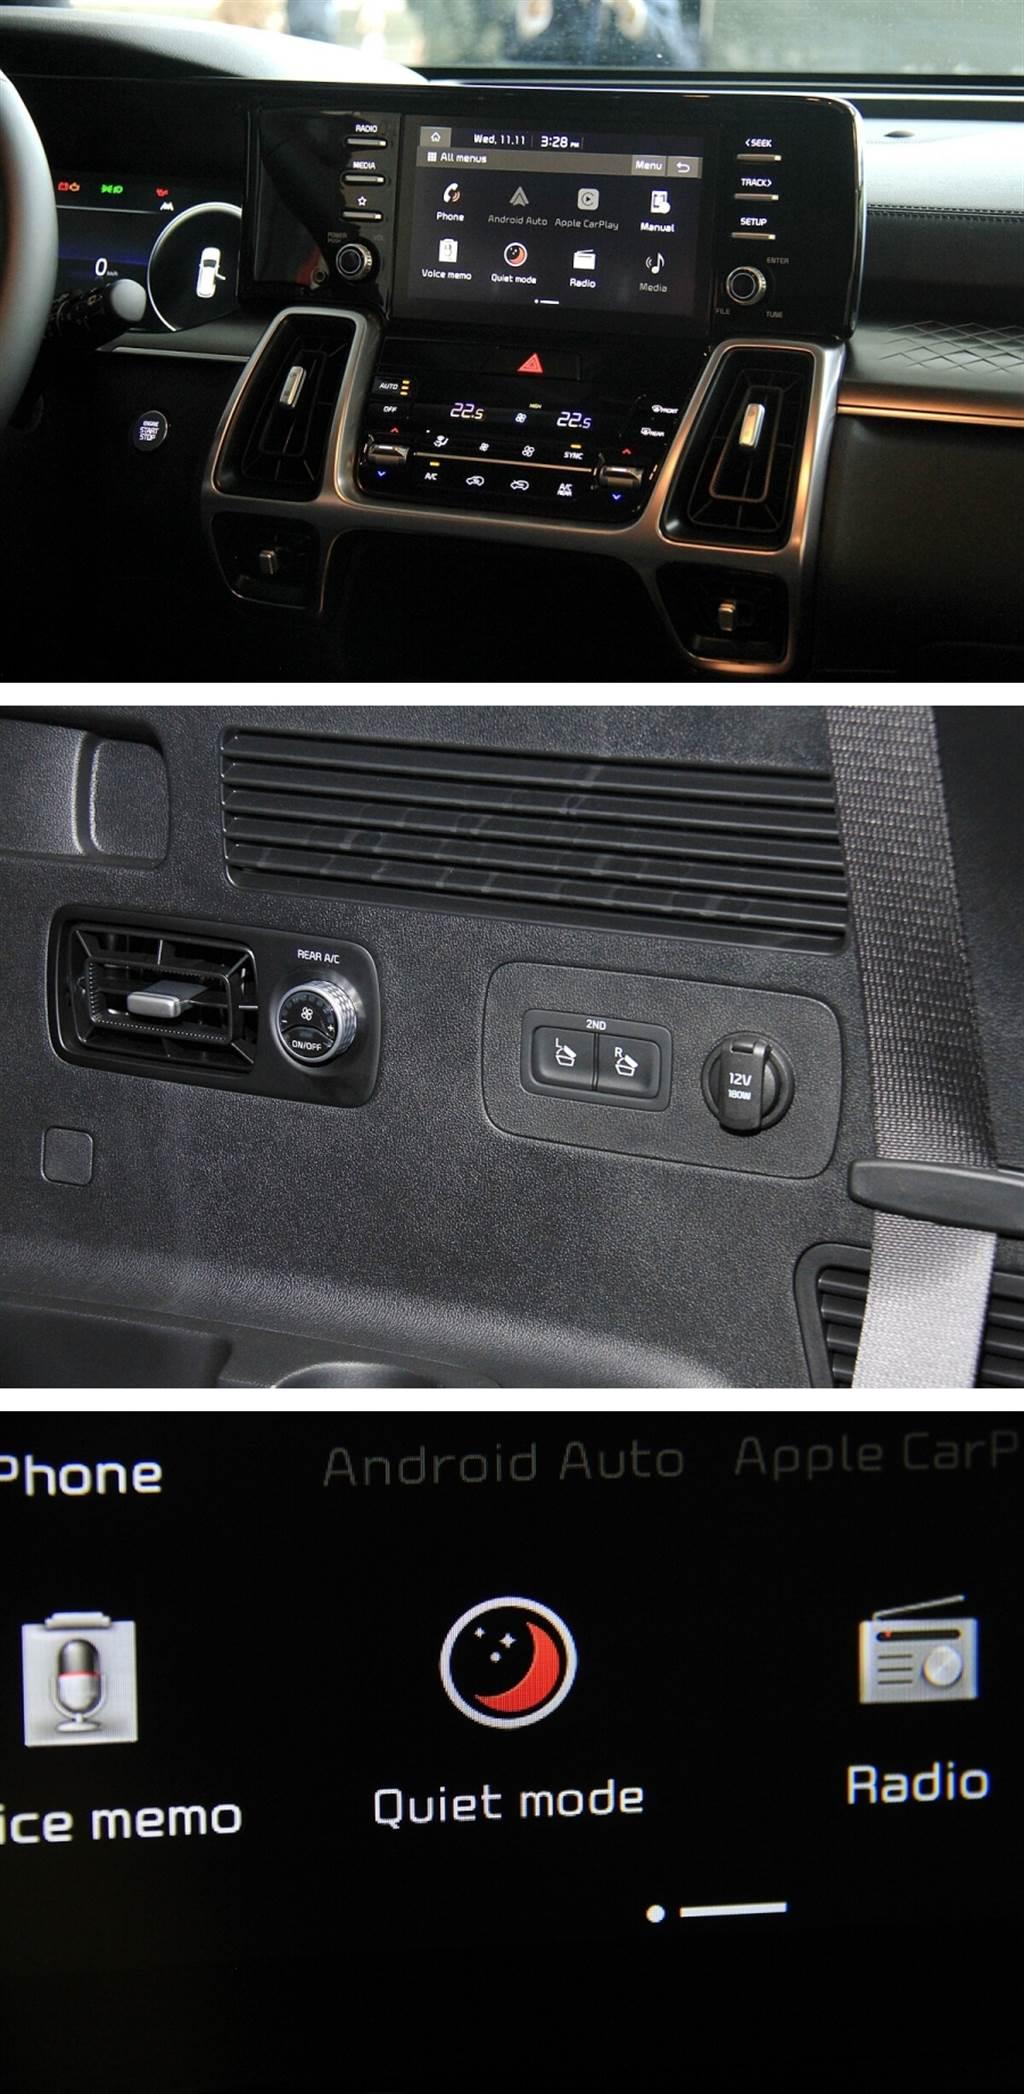 中央螢幕主頁面有特別的靜音模式,開啟時可將音響音量自動轉小之外,還會關閉後座的揚聲器,僅留前座揚聲器維持聲音輸出。